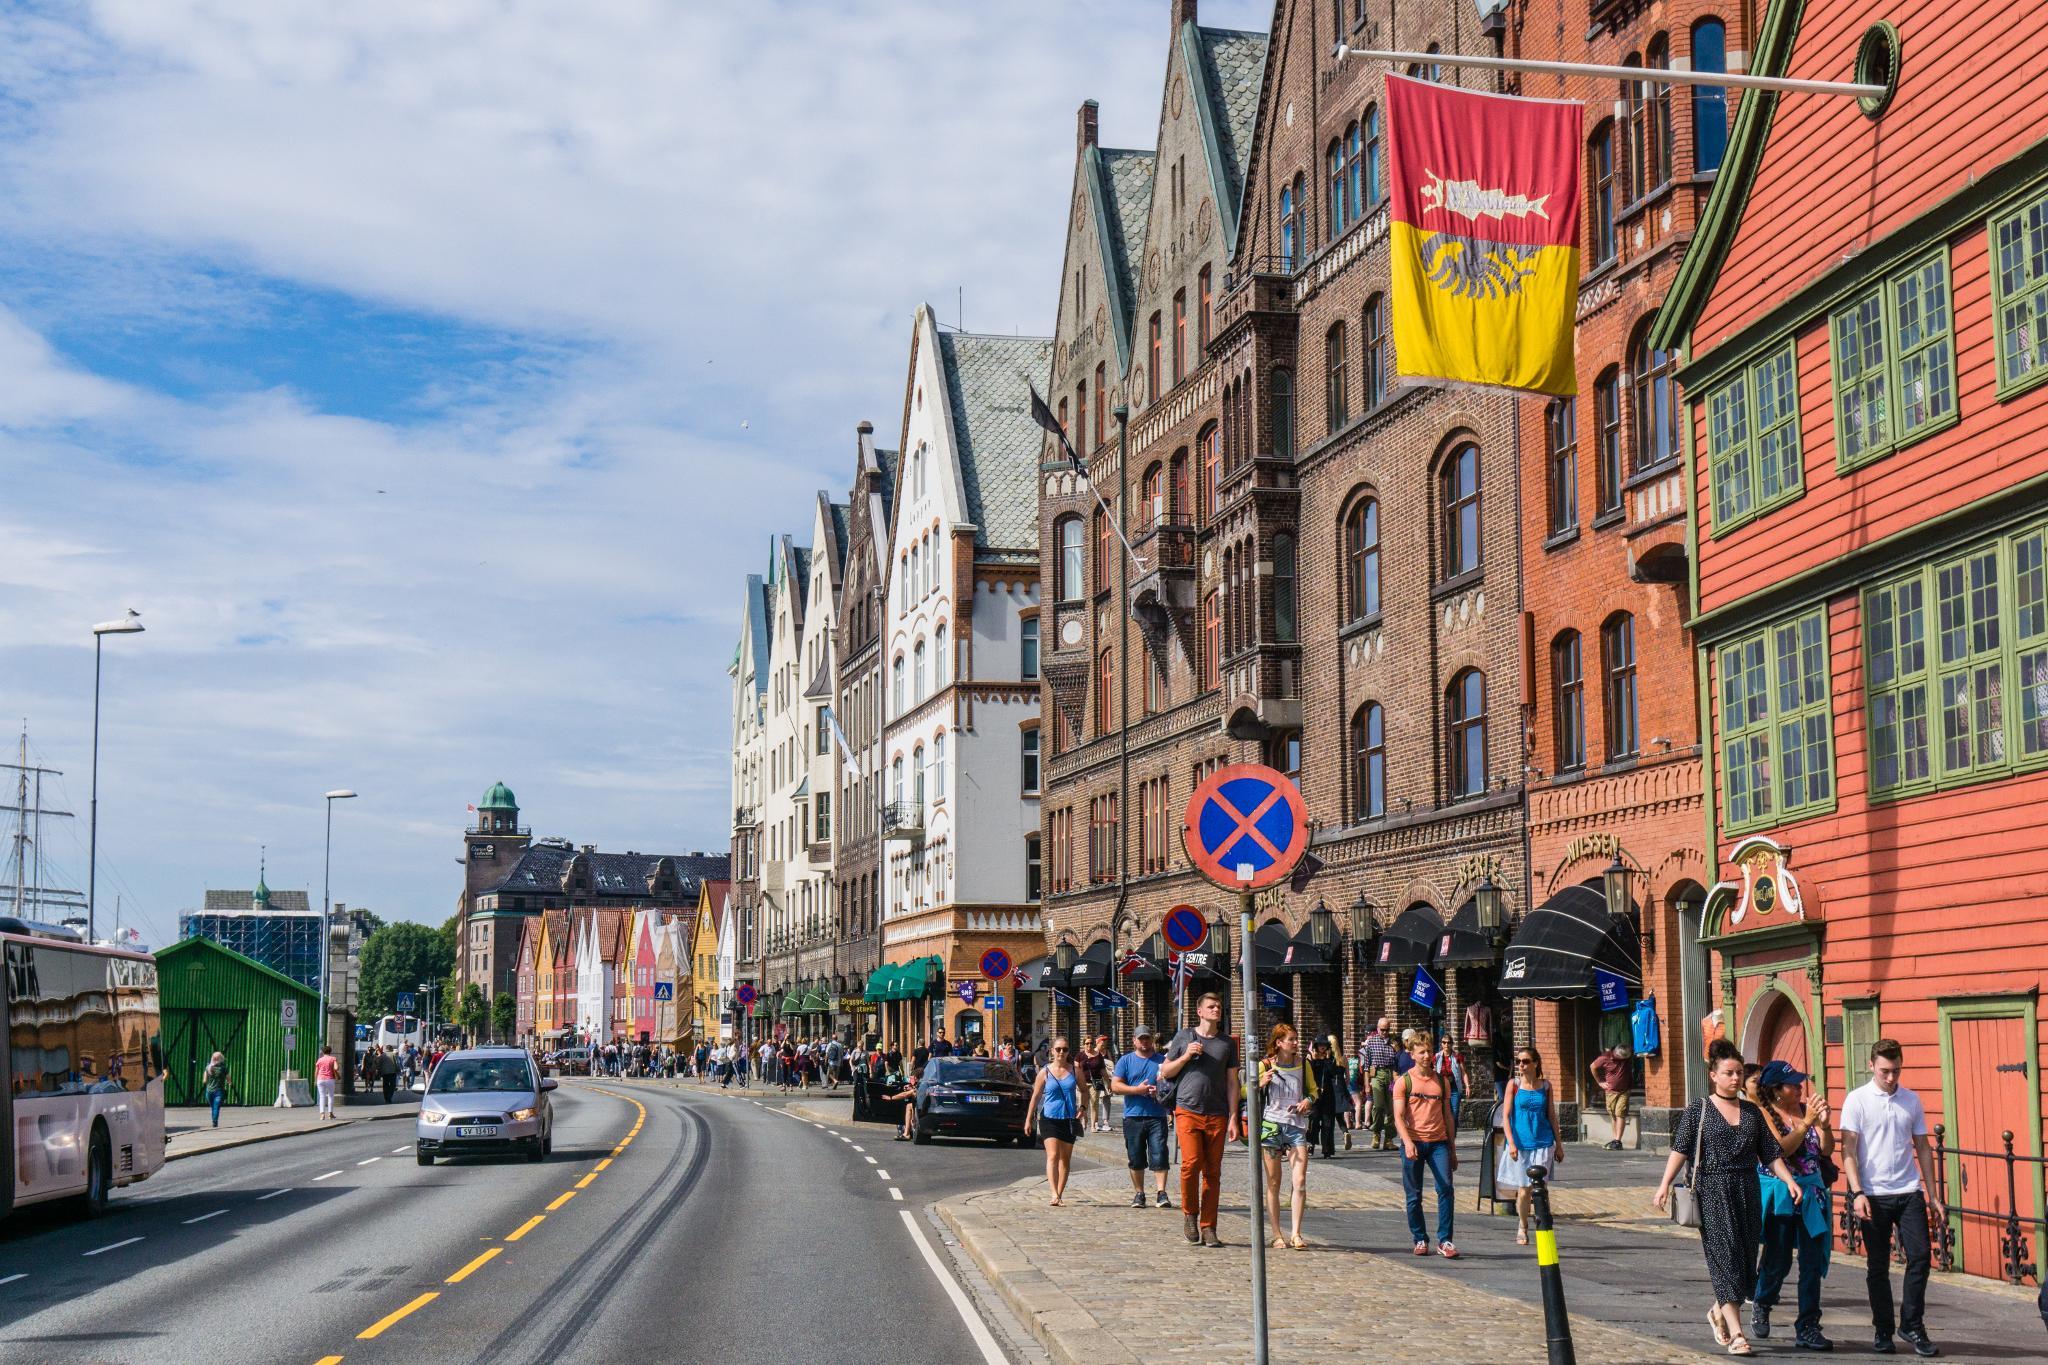 【卑爾根】Bryggen 世界遺產布呂根 — 迷失在百年歷史的挪威彩色木屋 8